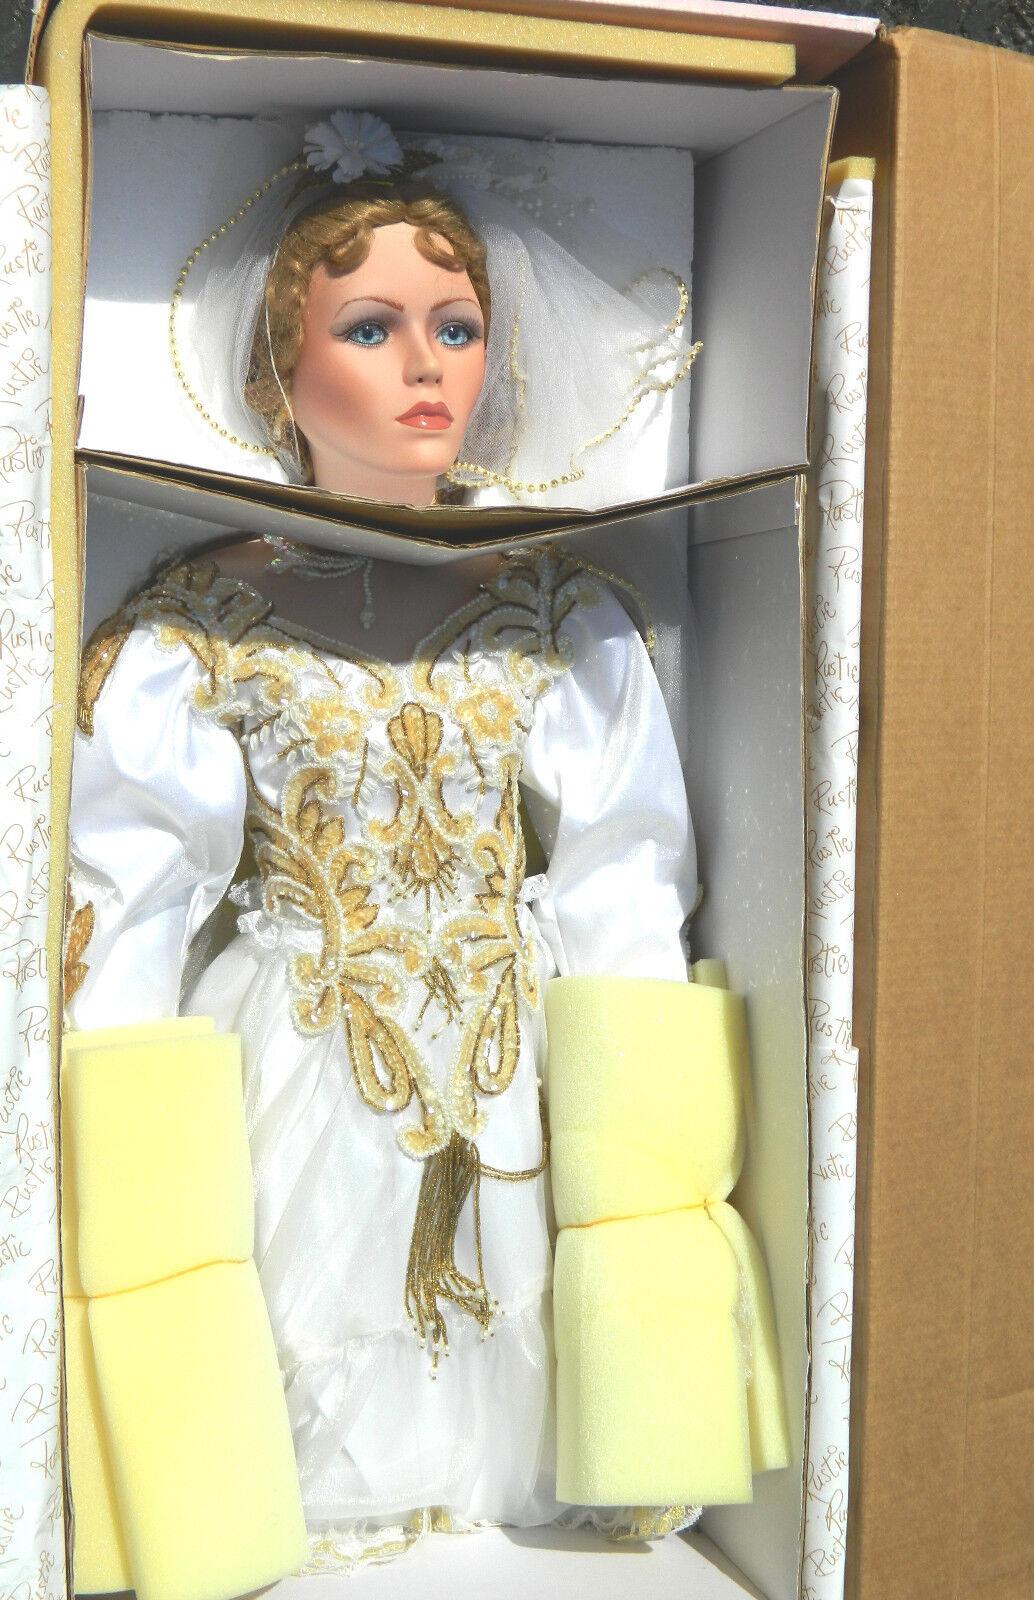 elementi di novità Welden Museum BY RUSTIE MARIAH gree 42    Ttutti Bride Porcelain bambola Bridal Gown  grandi prezzi scontati